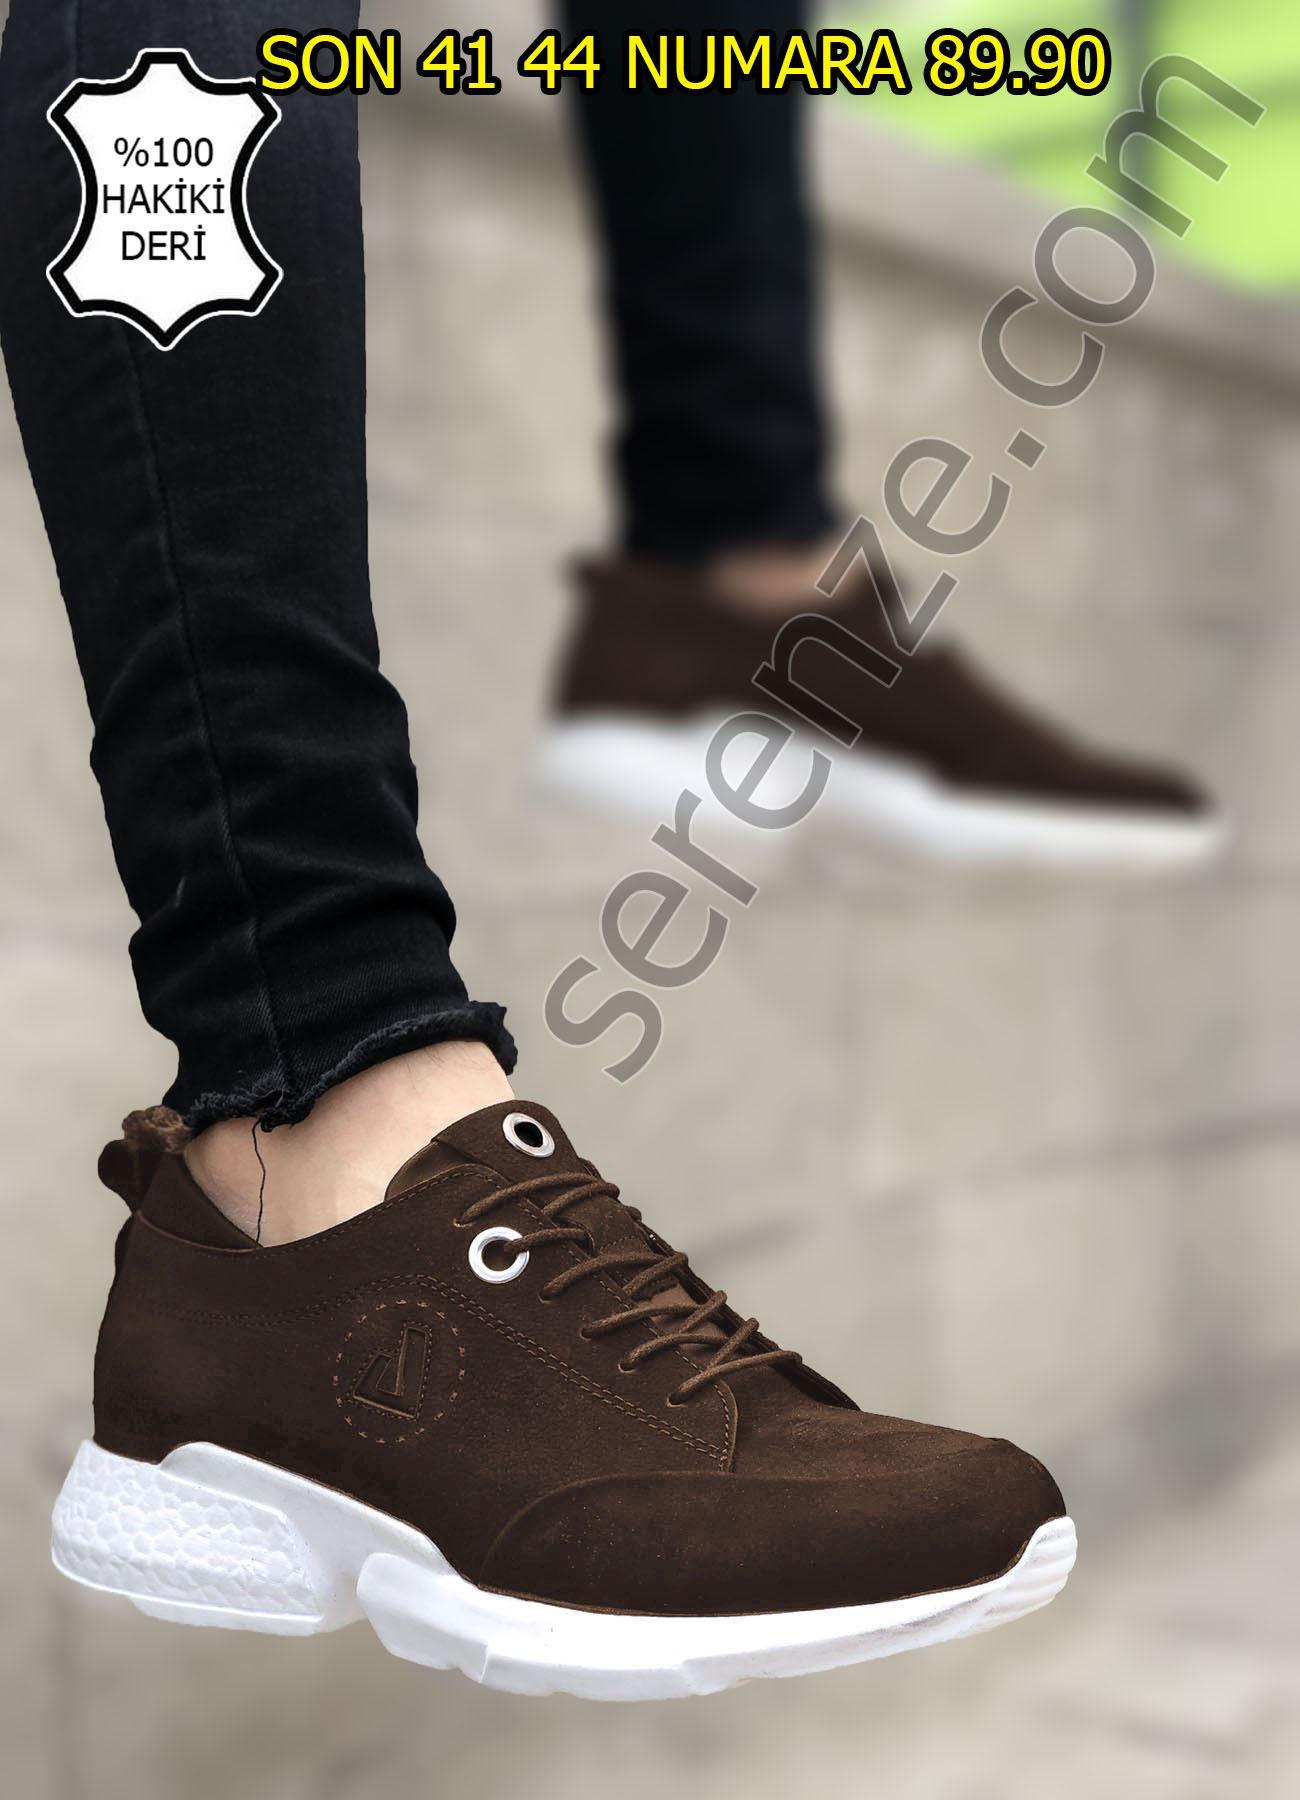 Hakiki Deri Nubuk Kahve Spor Ayakkabı